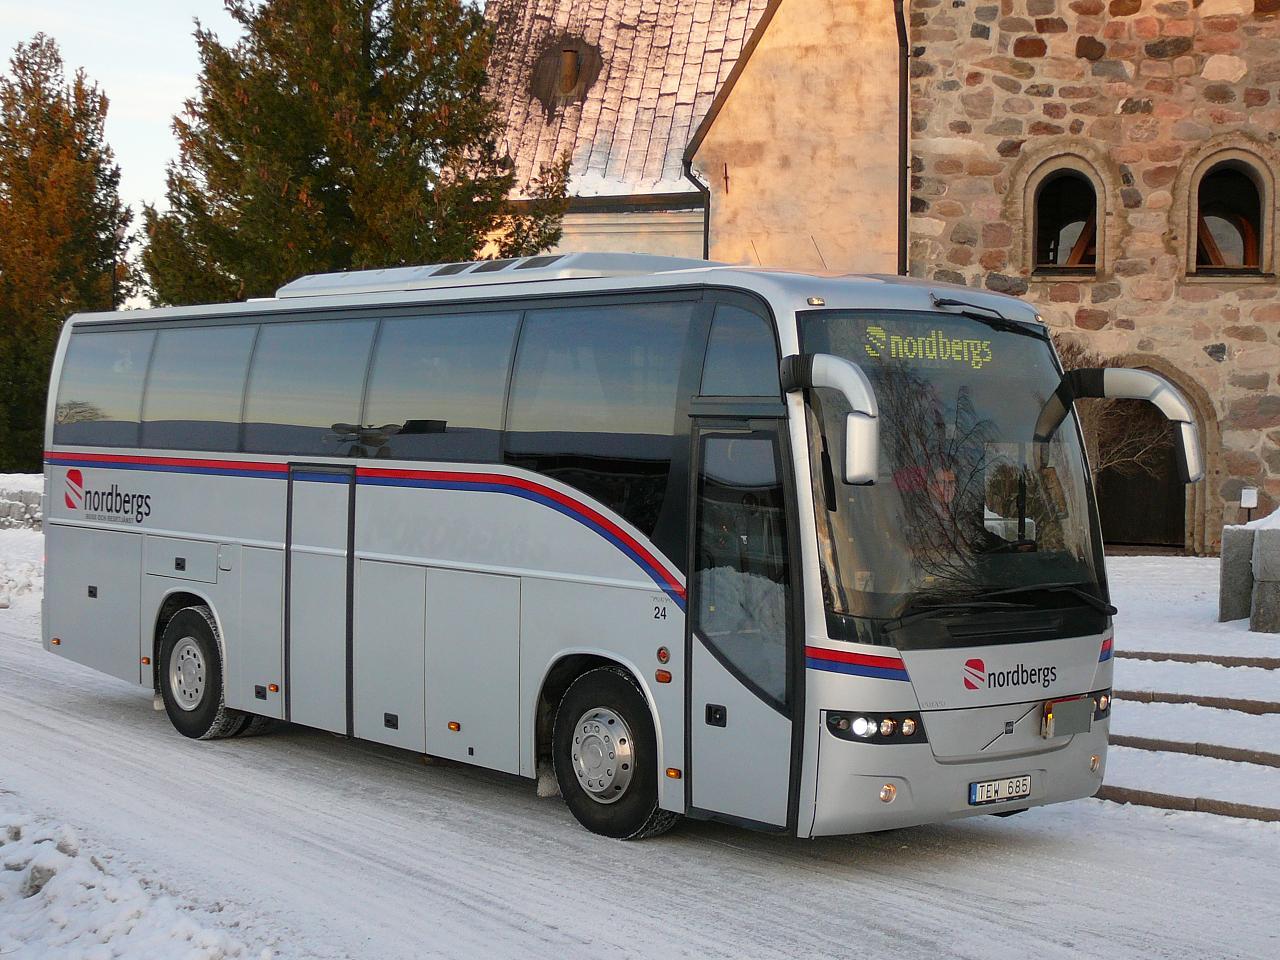 exteriör buss